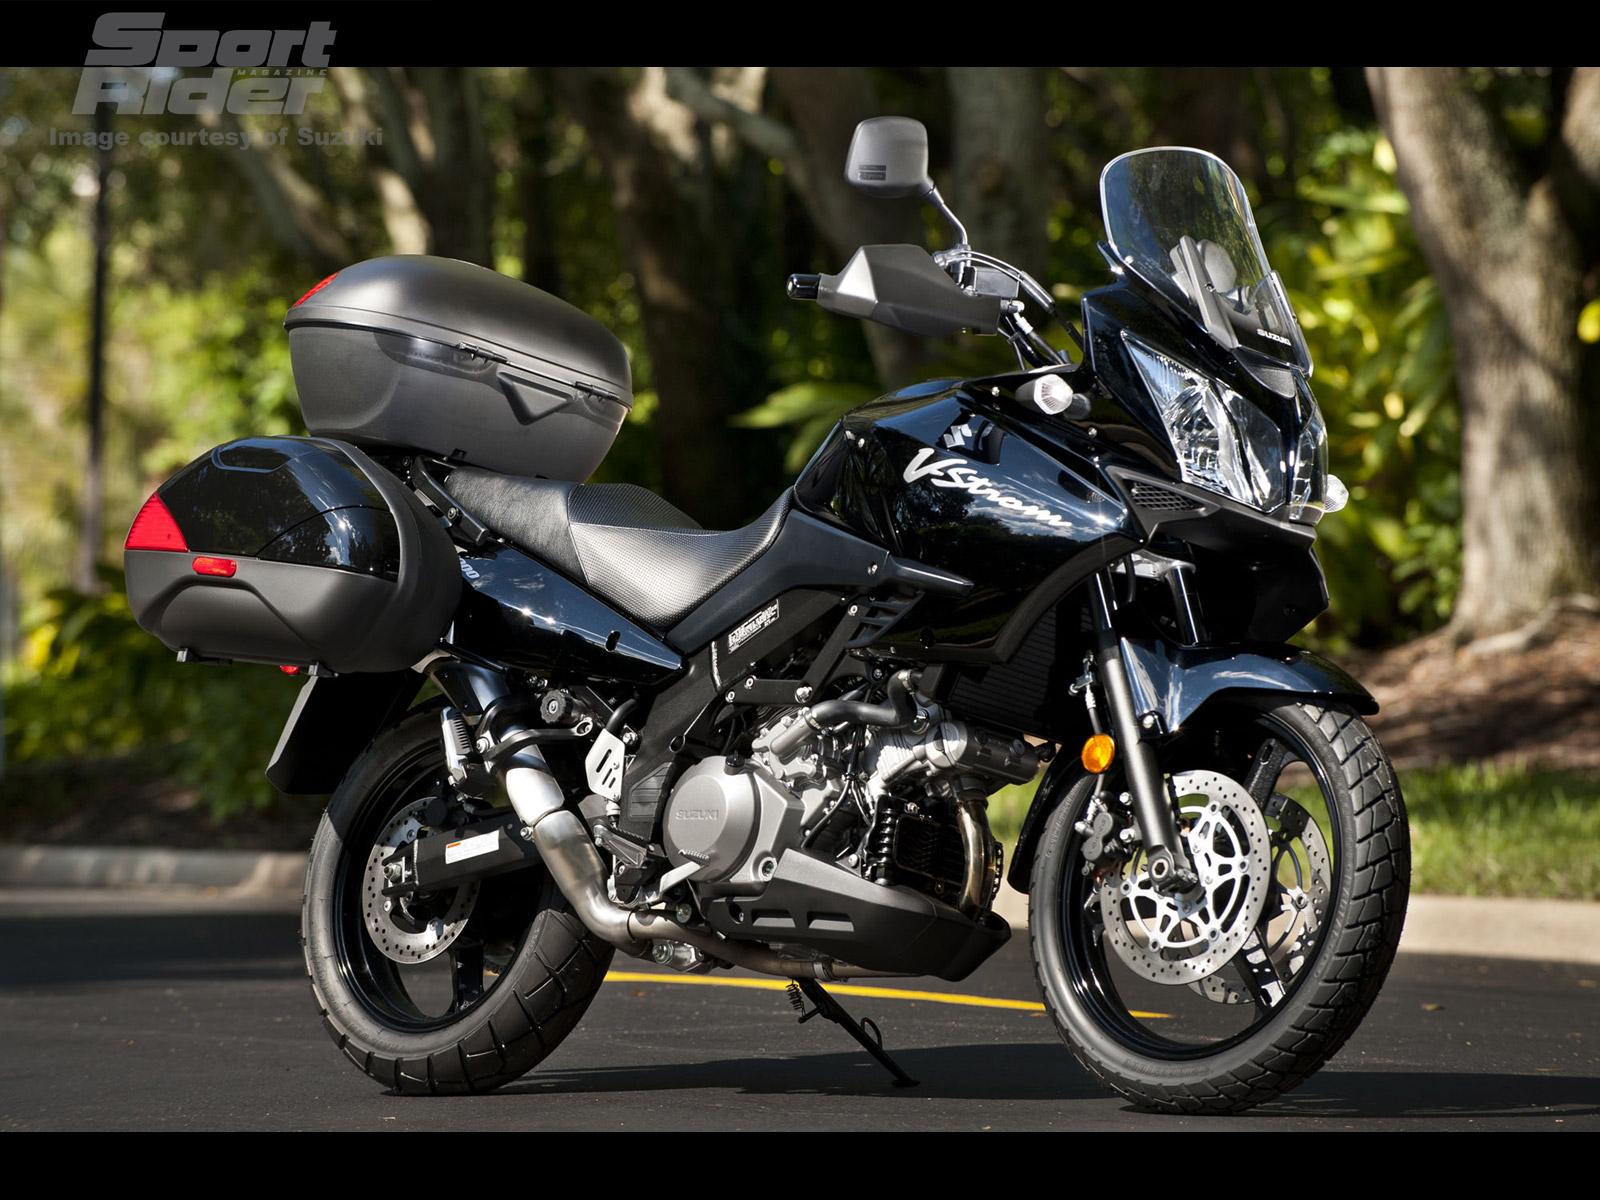 SUZUKI V-STROM 1000 black